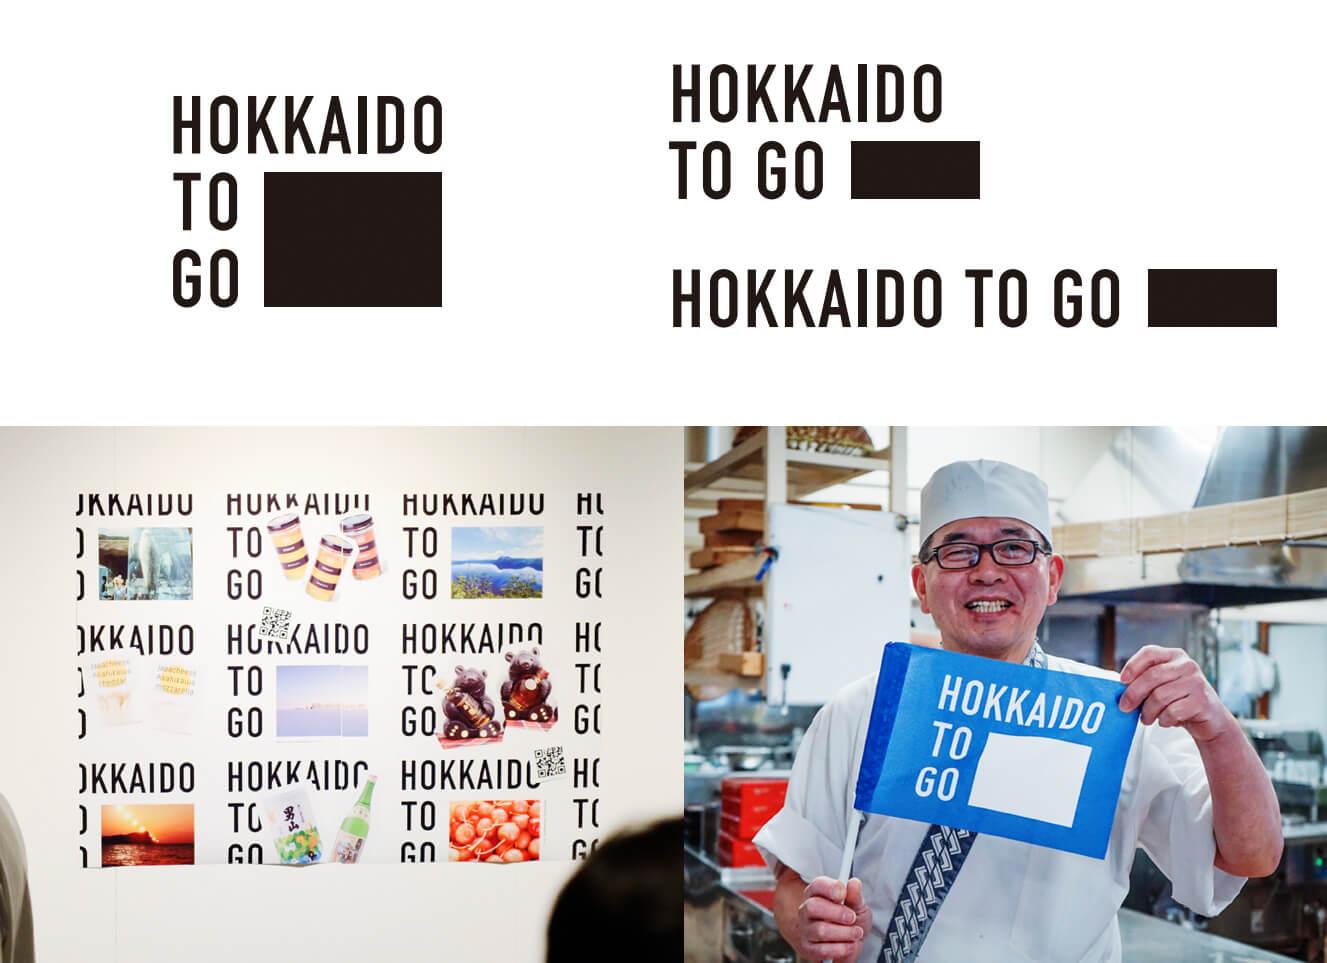 ロゴは、長年ロフトワークの地域プロジェクトで多くのデザインを手がけてきた、MOTOMOTO 松本健一さんがデザイン。